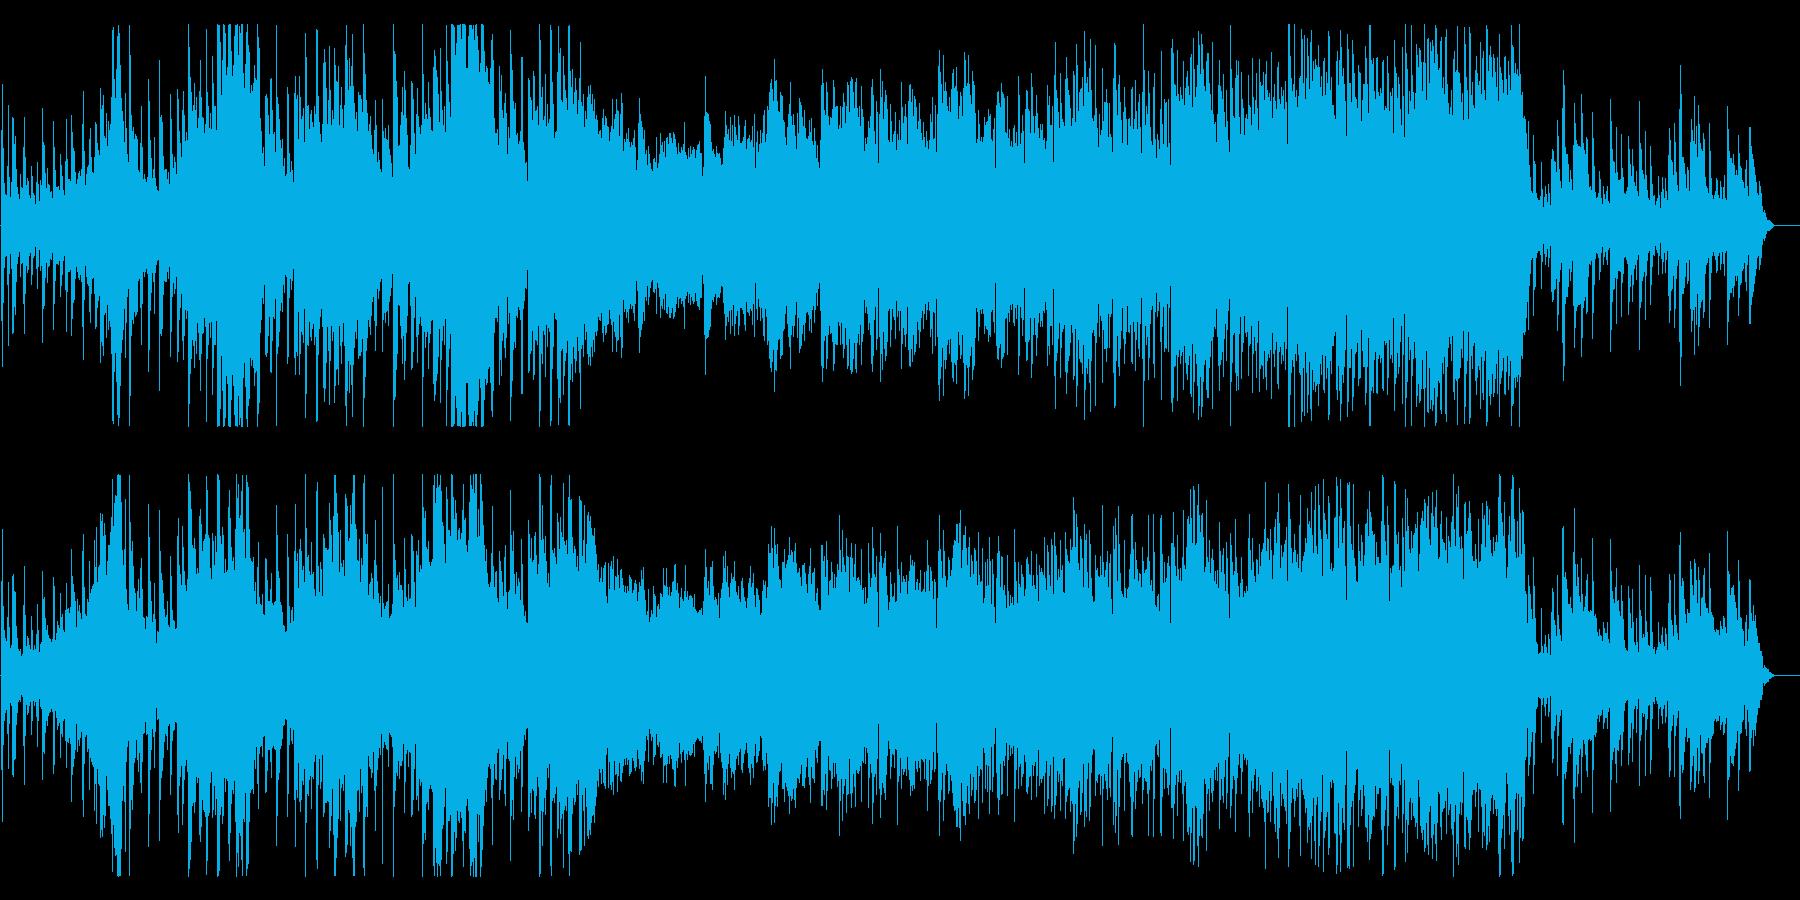 エスニック調の攻撃的雰囲気と浮遊無国籍曲の再生済みの波形